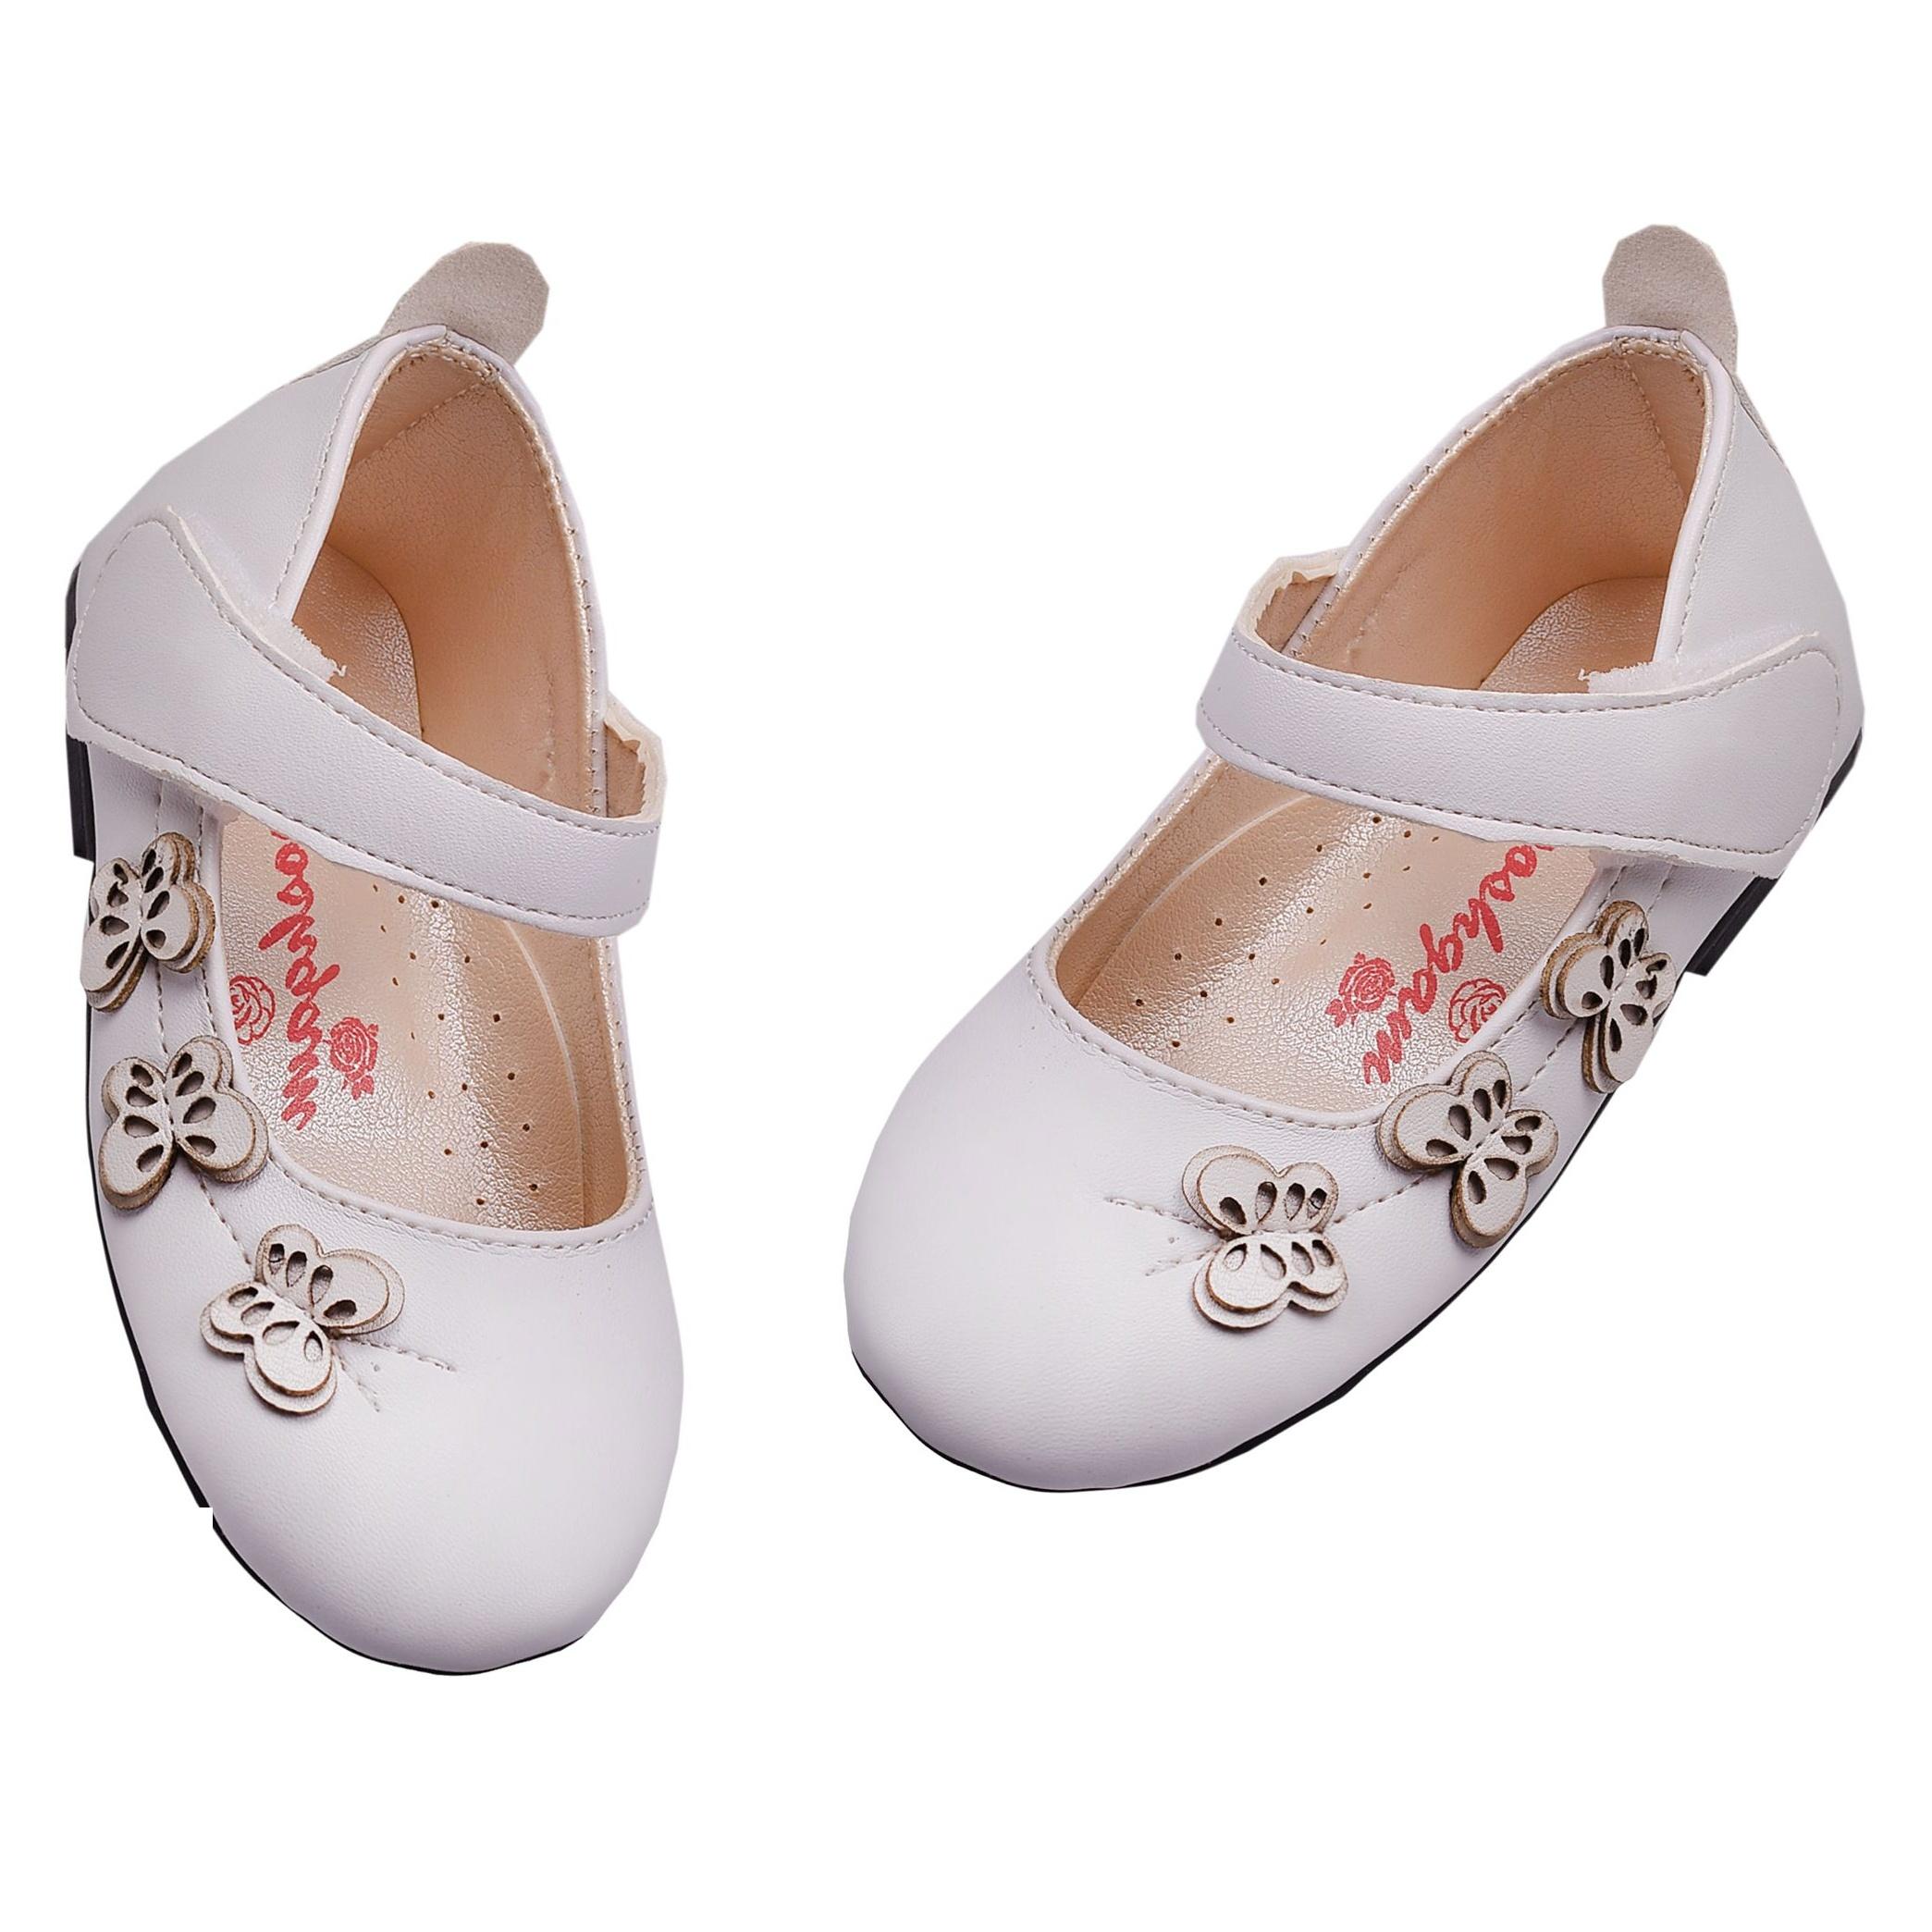 کفش دخترانه پوشگام مدل 3228